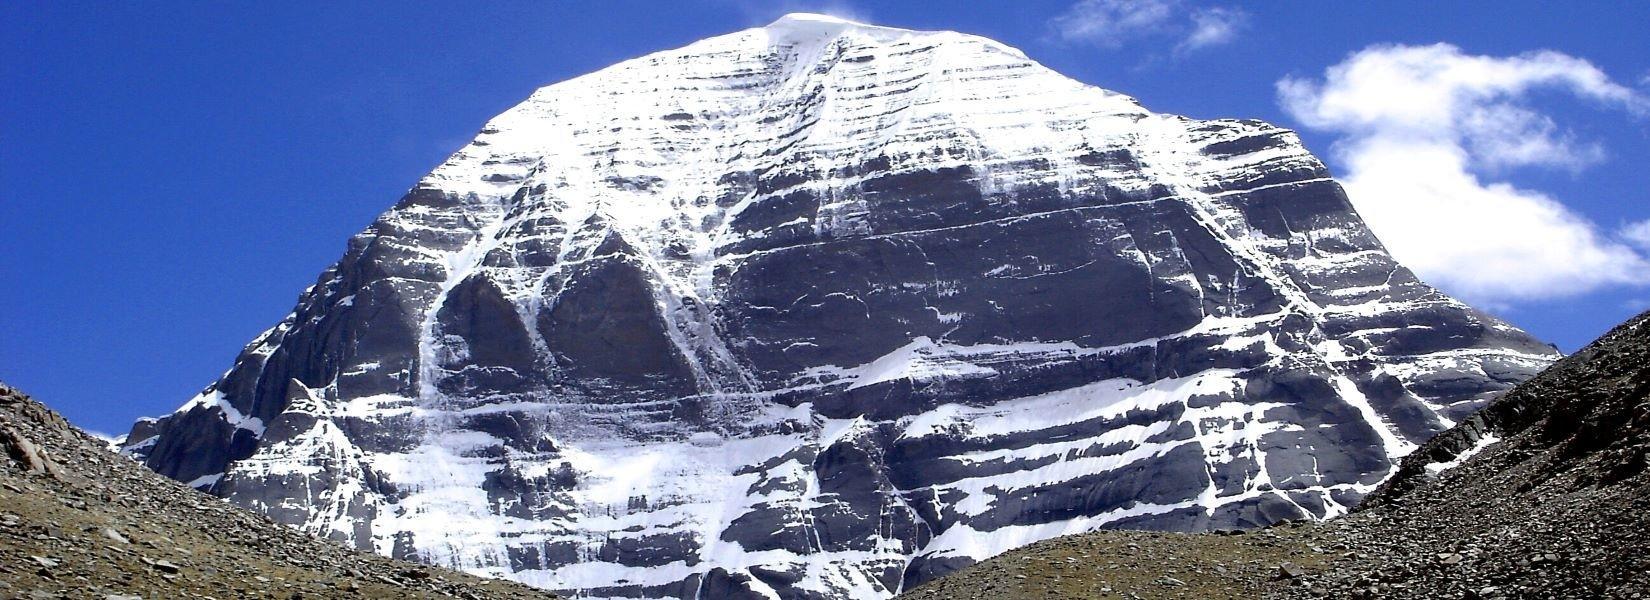 Tibet Mt. Kailash Tour